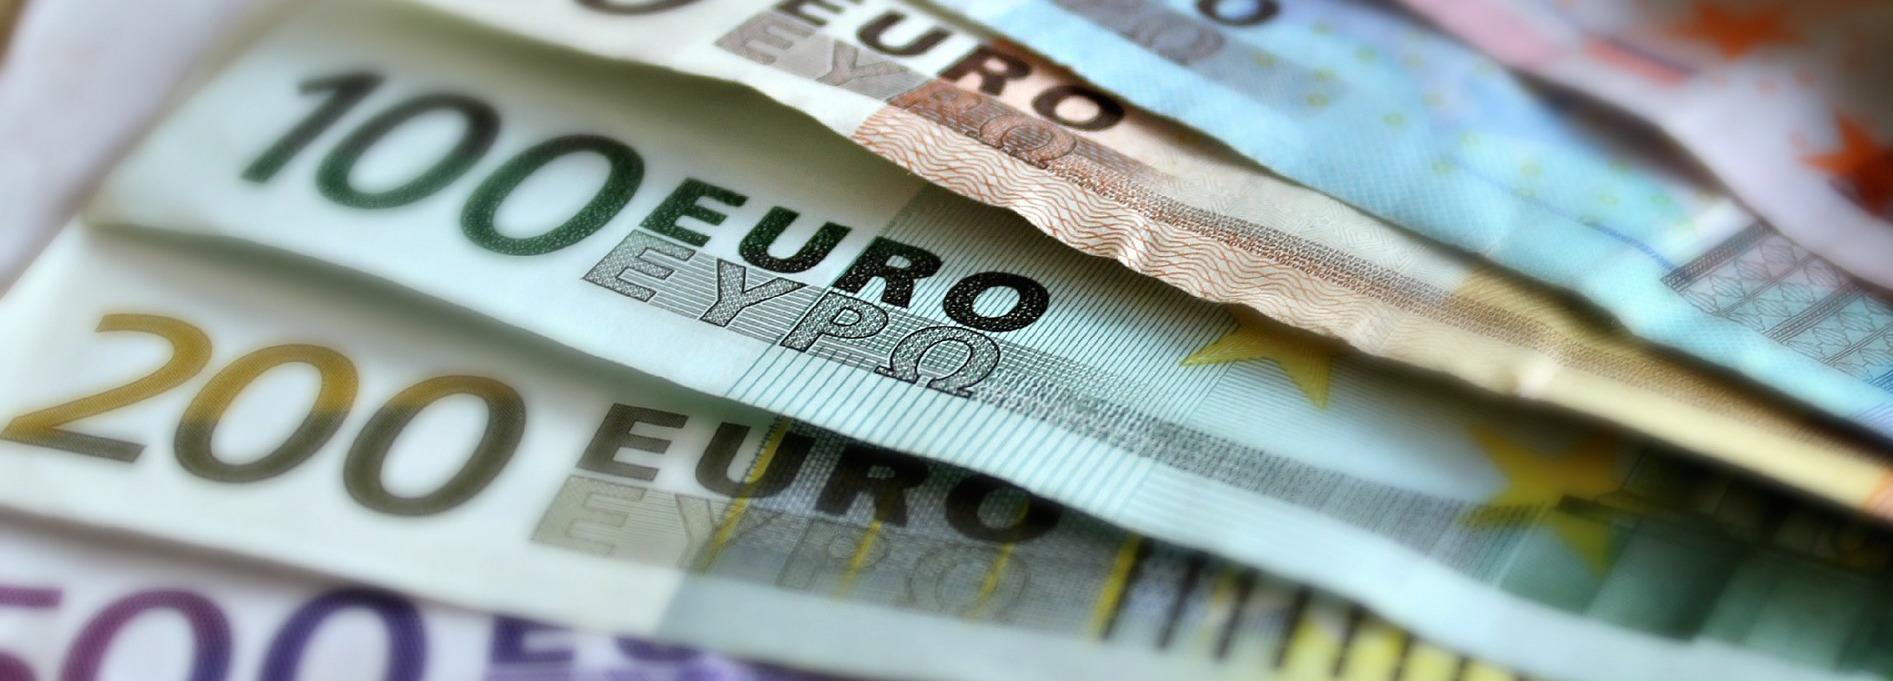 Le patrimoine financier des Français